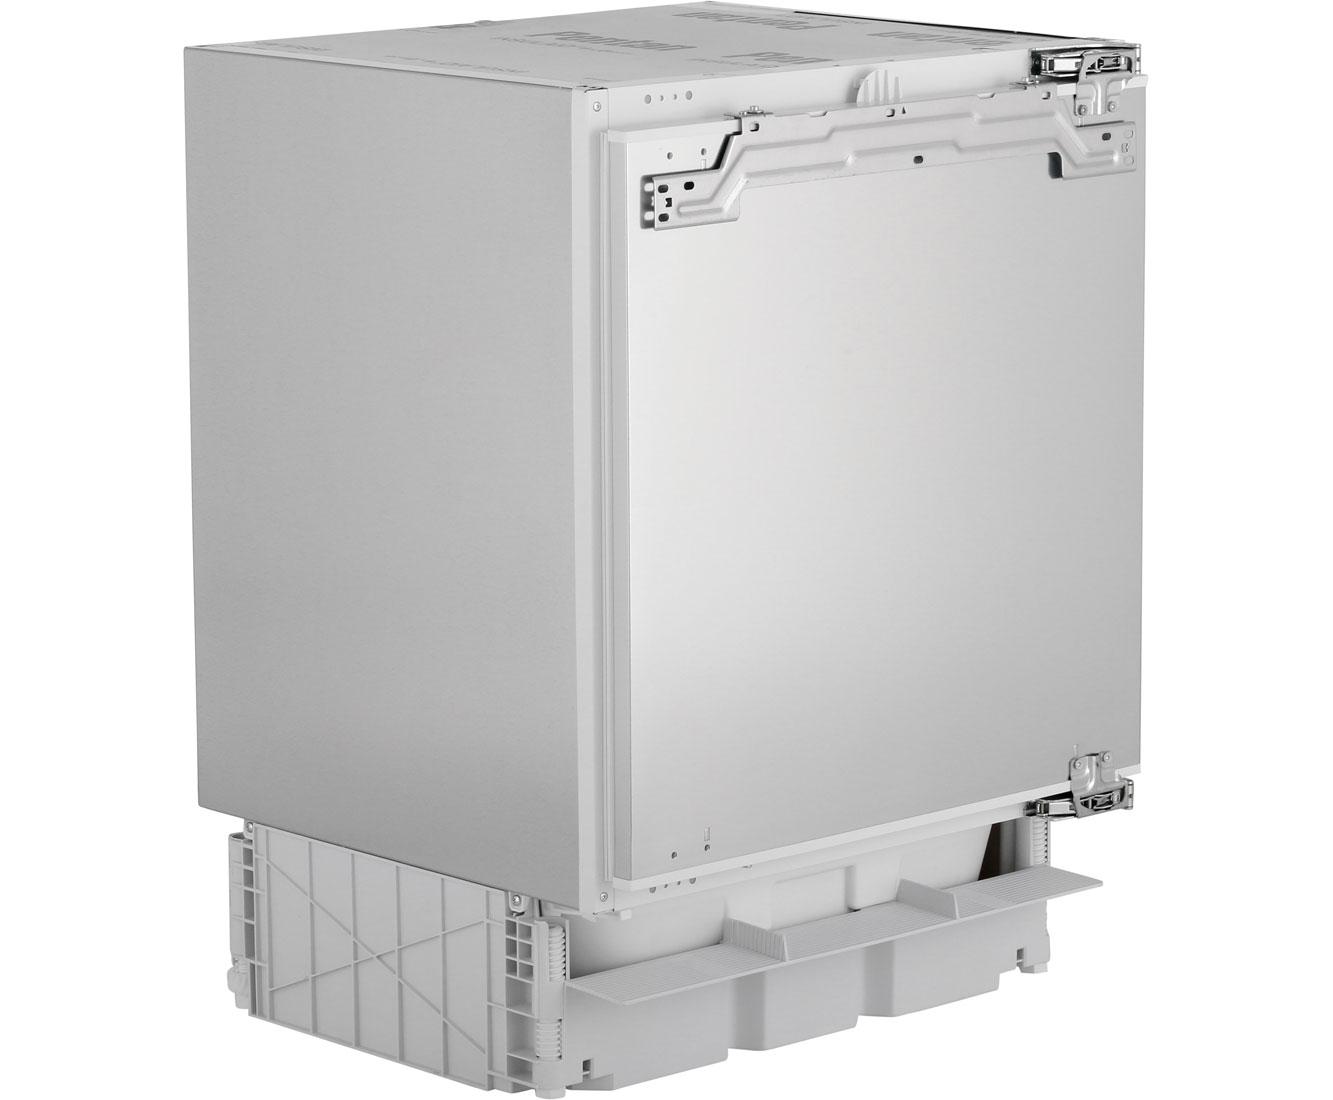 Aeg Kühlschrank Ohne Gefrierfach Unterbaufähig : Unterbau kühlschrank mit gefrierfach gorgeous kühlschrank